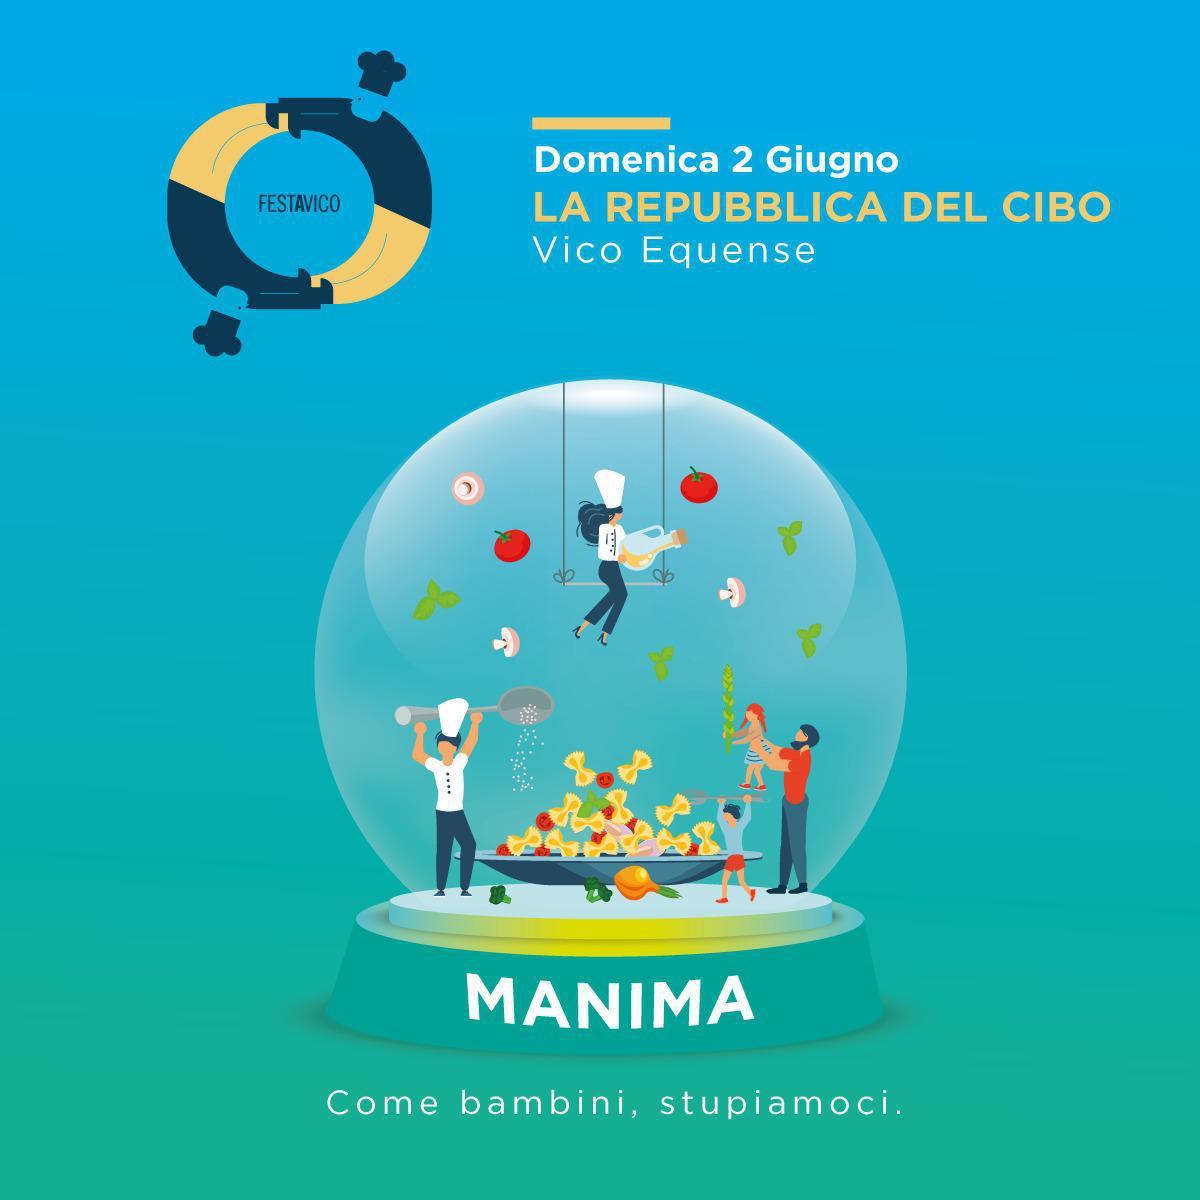 REPUBBLICA DEL CIBO • DOMENICA 2 GIUGNO